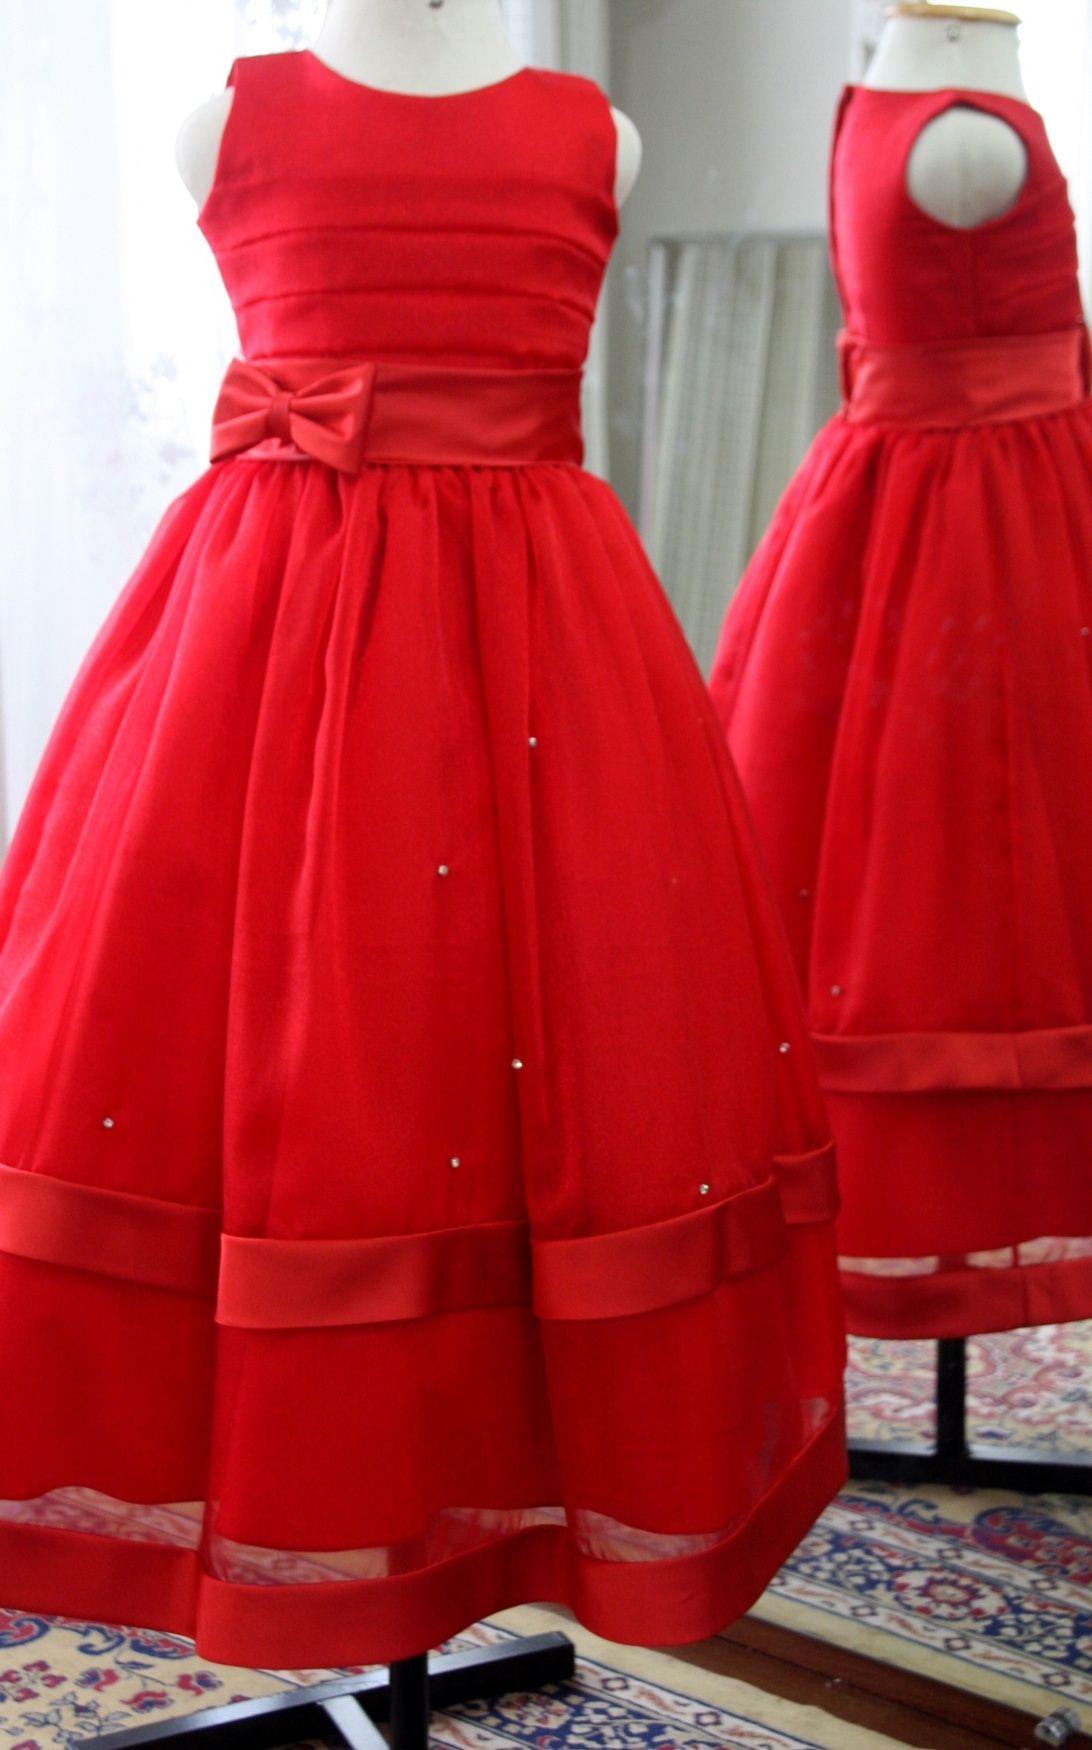 Vestidos para Daminha - 138 - Hipnose Alta Costura e Spa para Noivas e Noivos - Campinas - SP Vestido de Daminha, Vestido para Daminha de Casamento, Hipnose Alta Costura